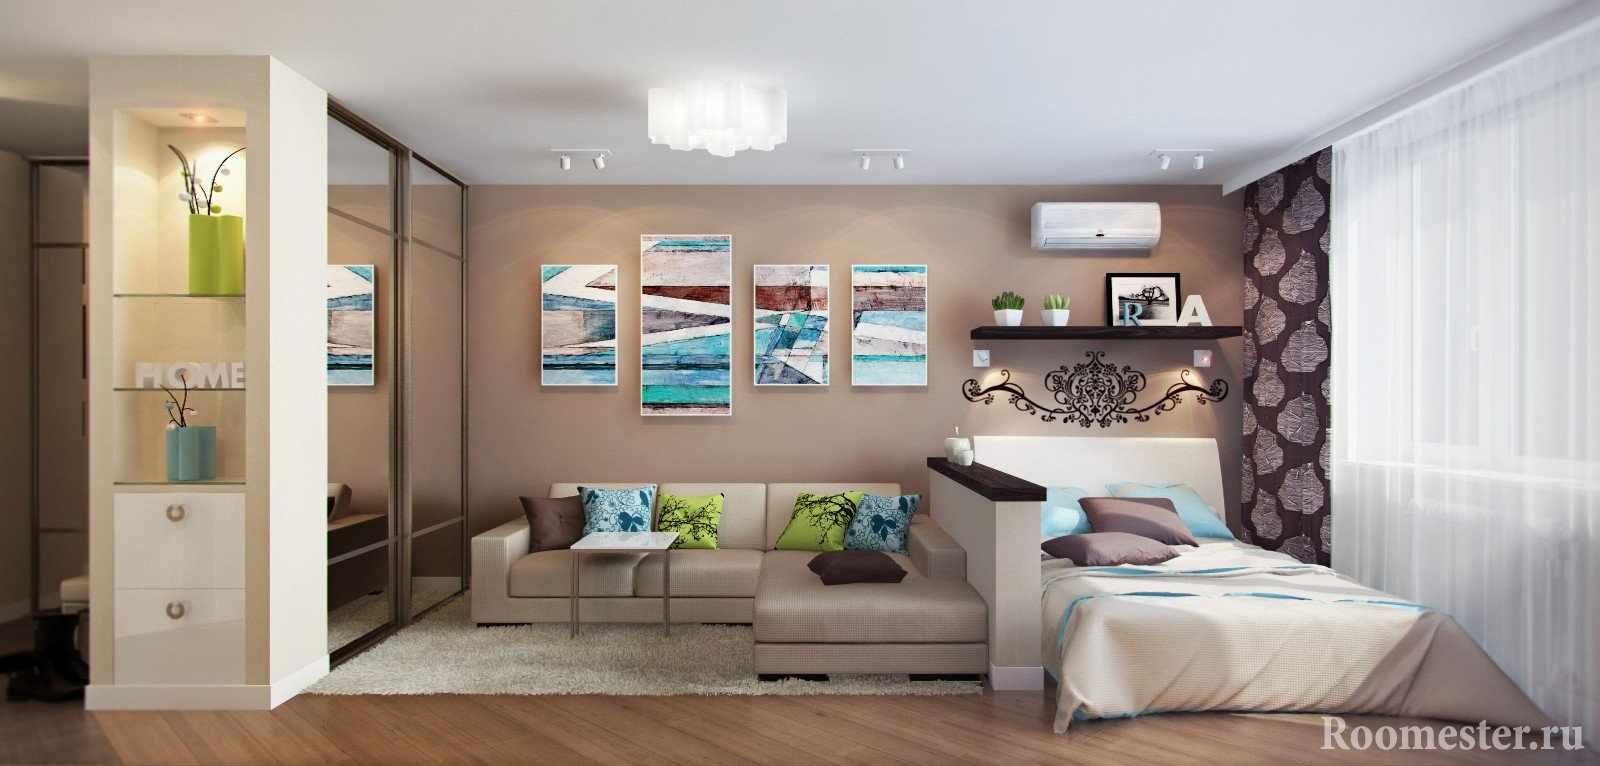 Дизайн-проект разграничения зала на две зоны